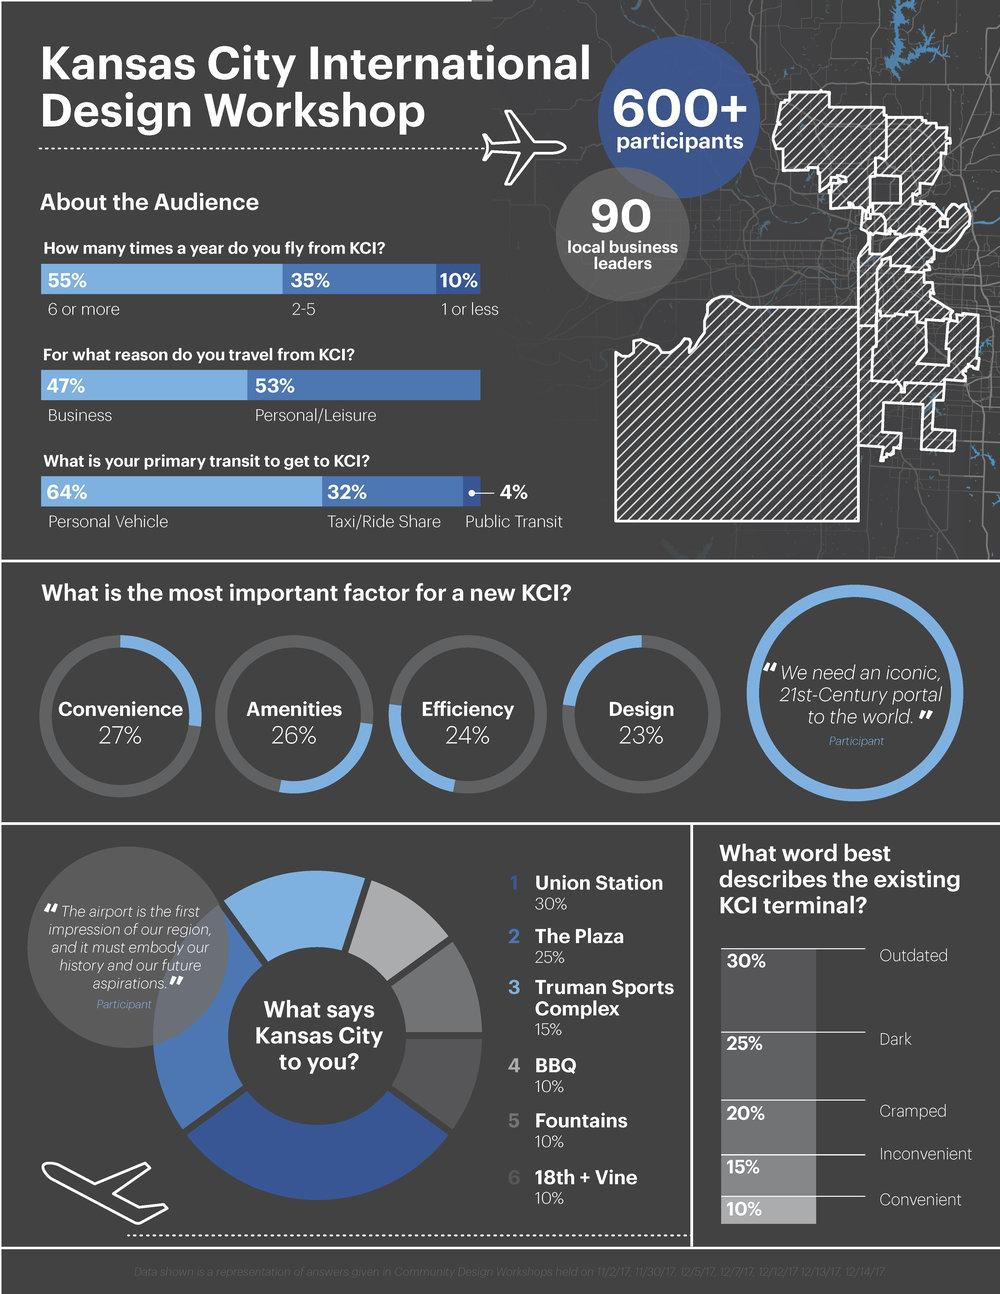 KCI Design Workshop Infographic.jpg